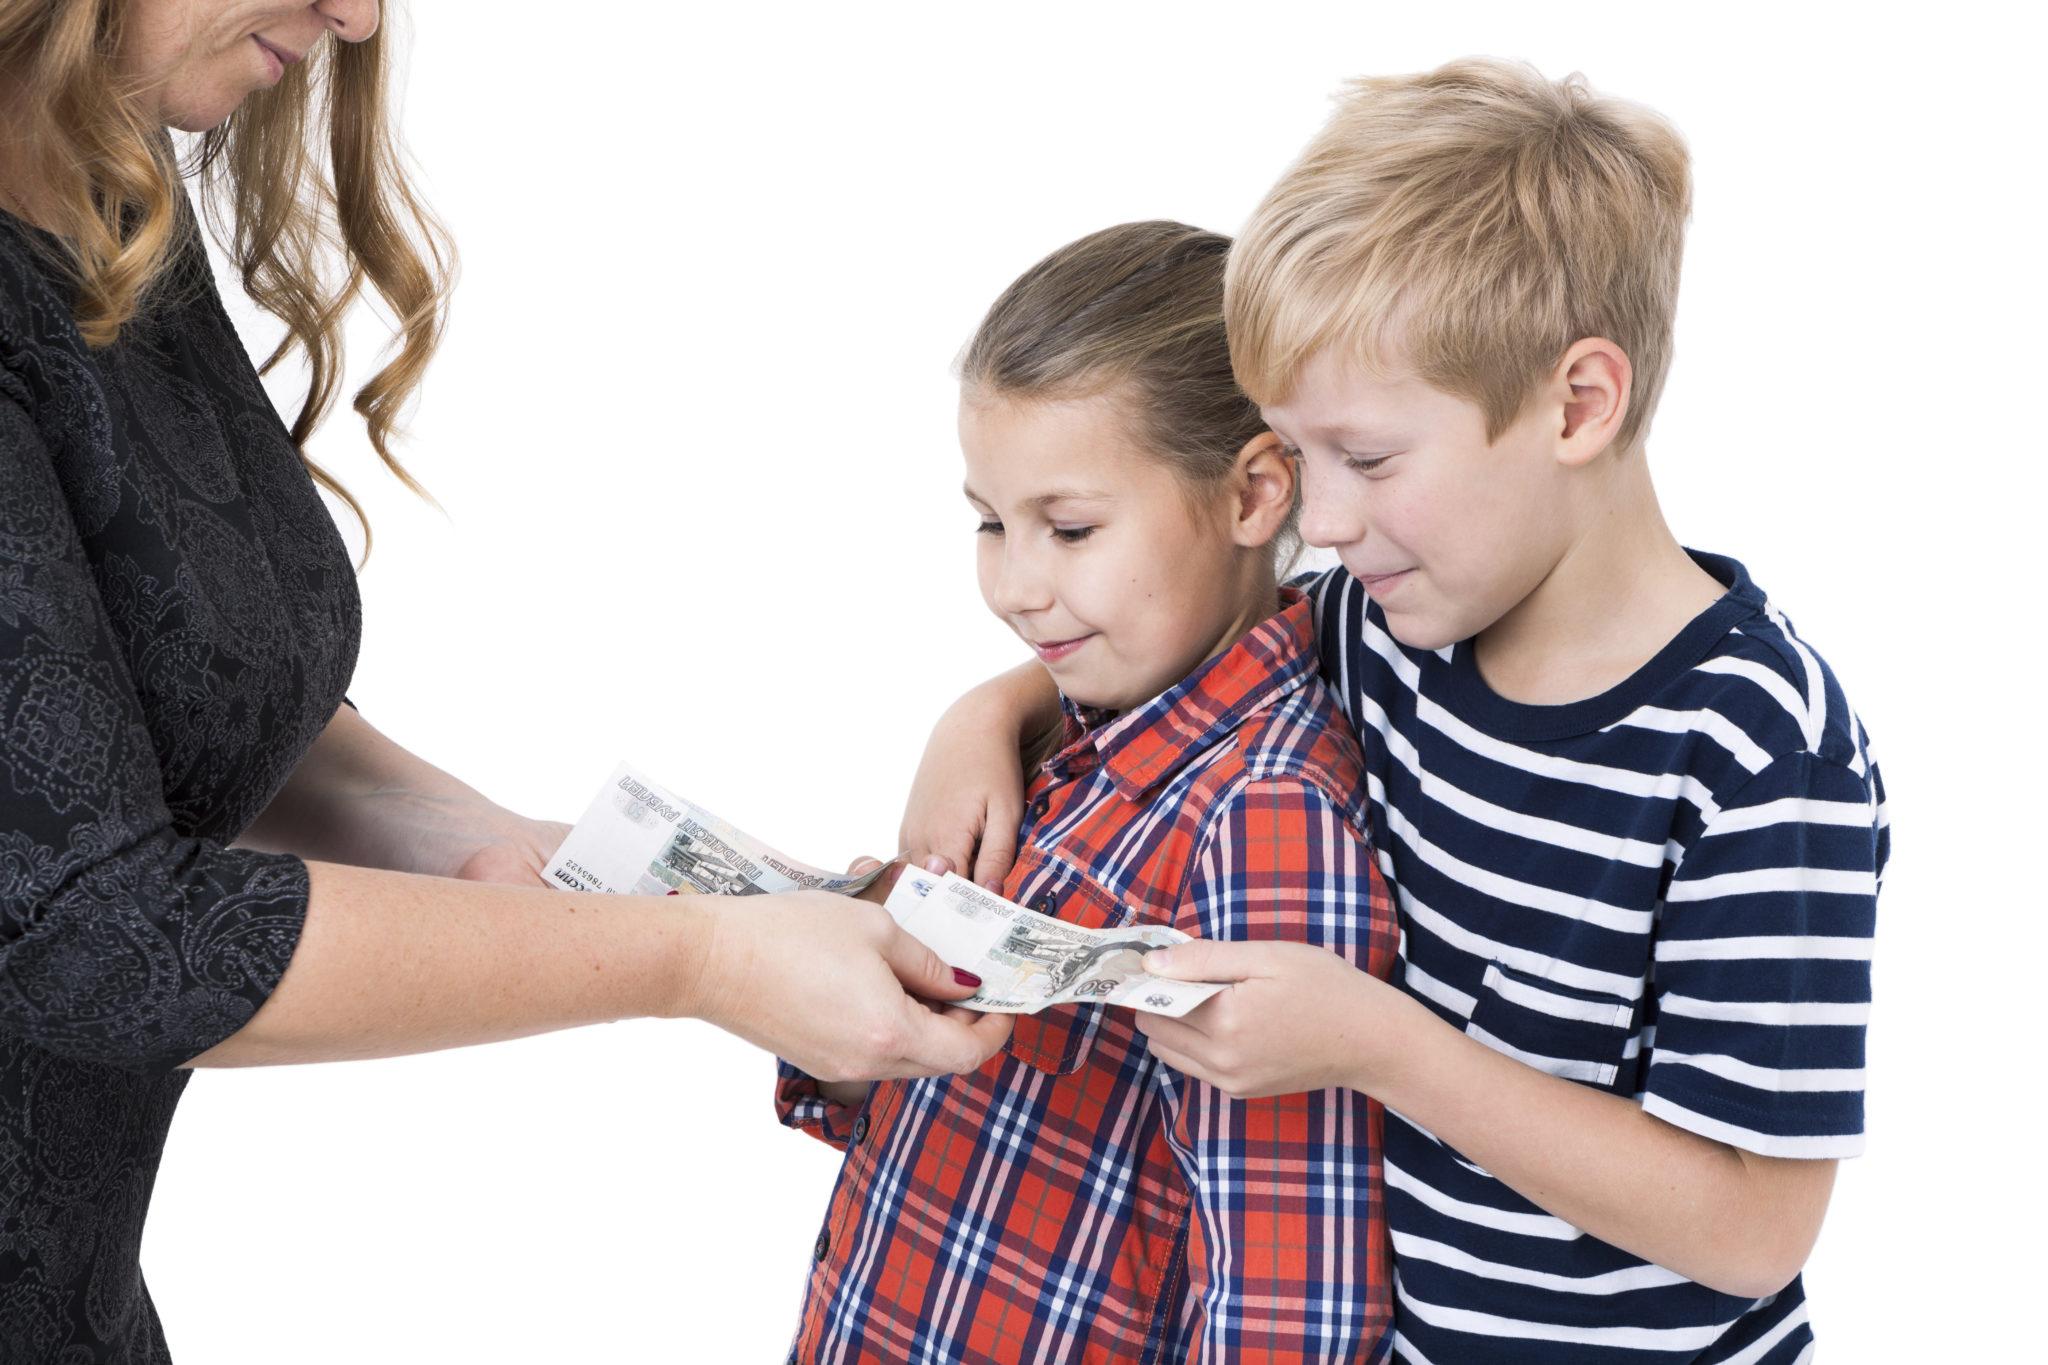 До какого возраста выдают подарки детям на новый год от организации